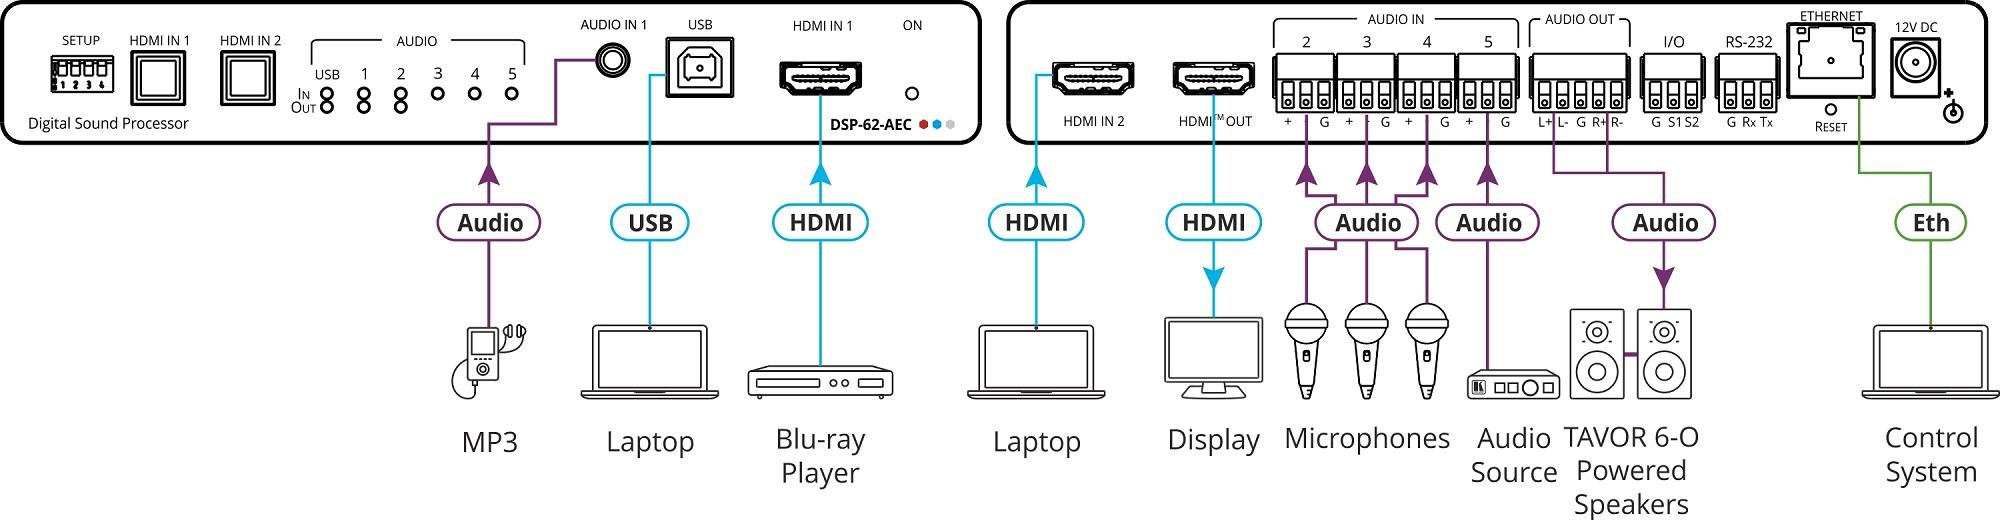 Matriz de áudio PoE 6x2 com DSP e AEC